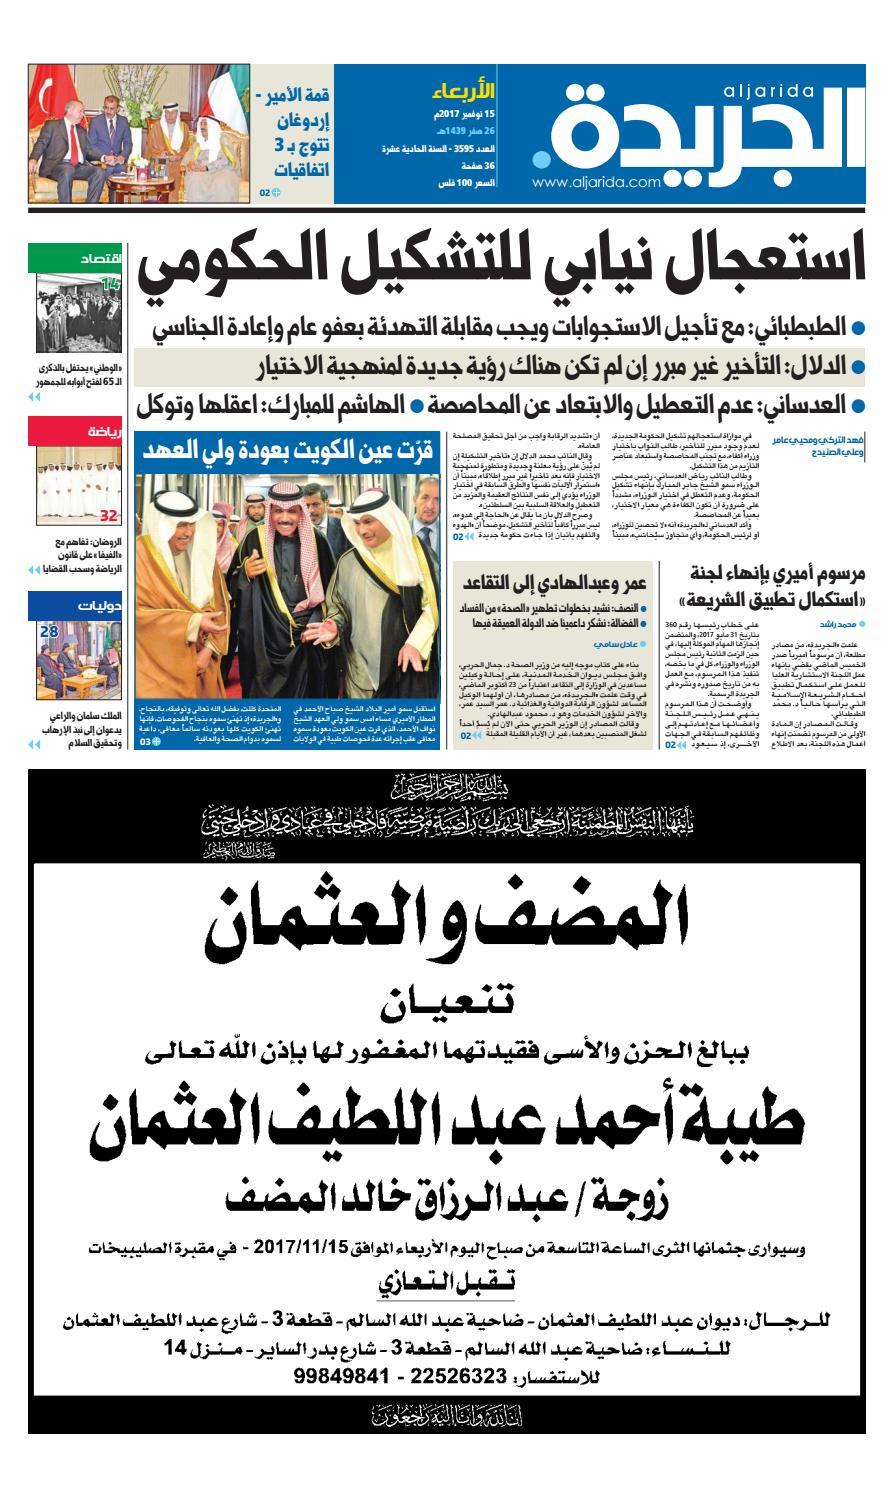 4d57fef17 عدد الجريدة الاربعاء 15 نوفمبر 2017 by Aljarida Newspaper - issuu